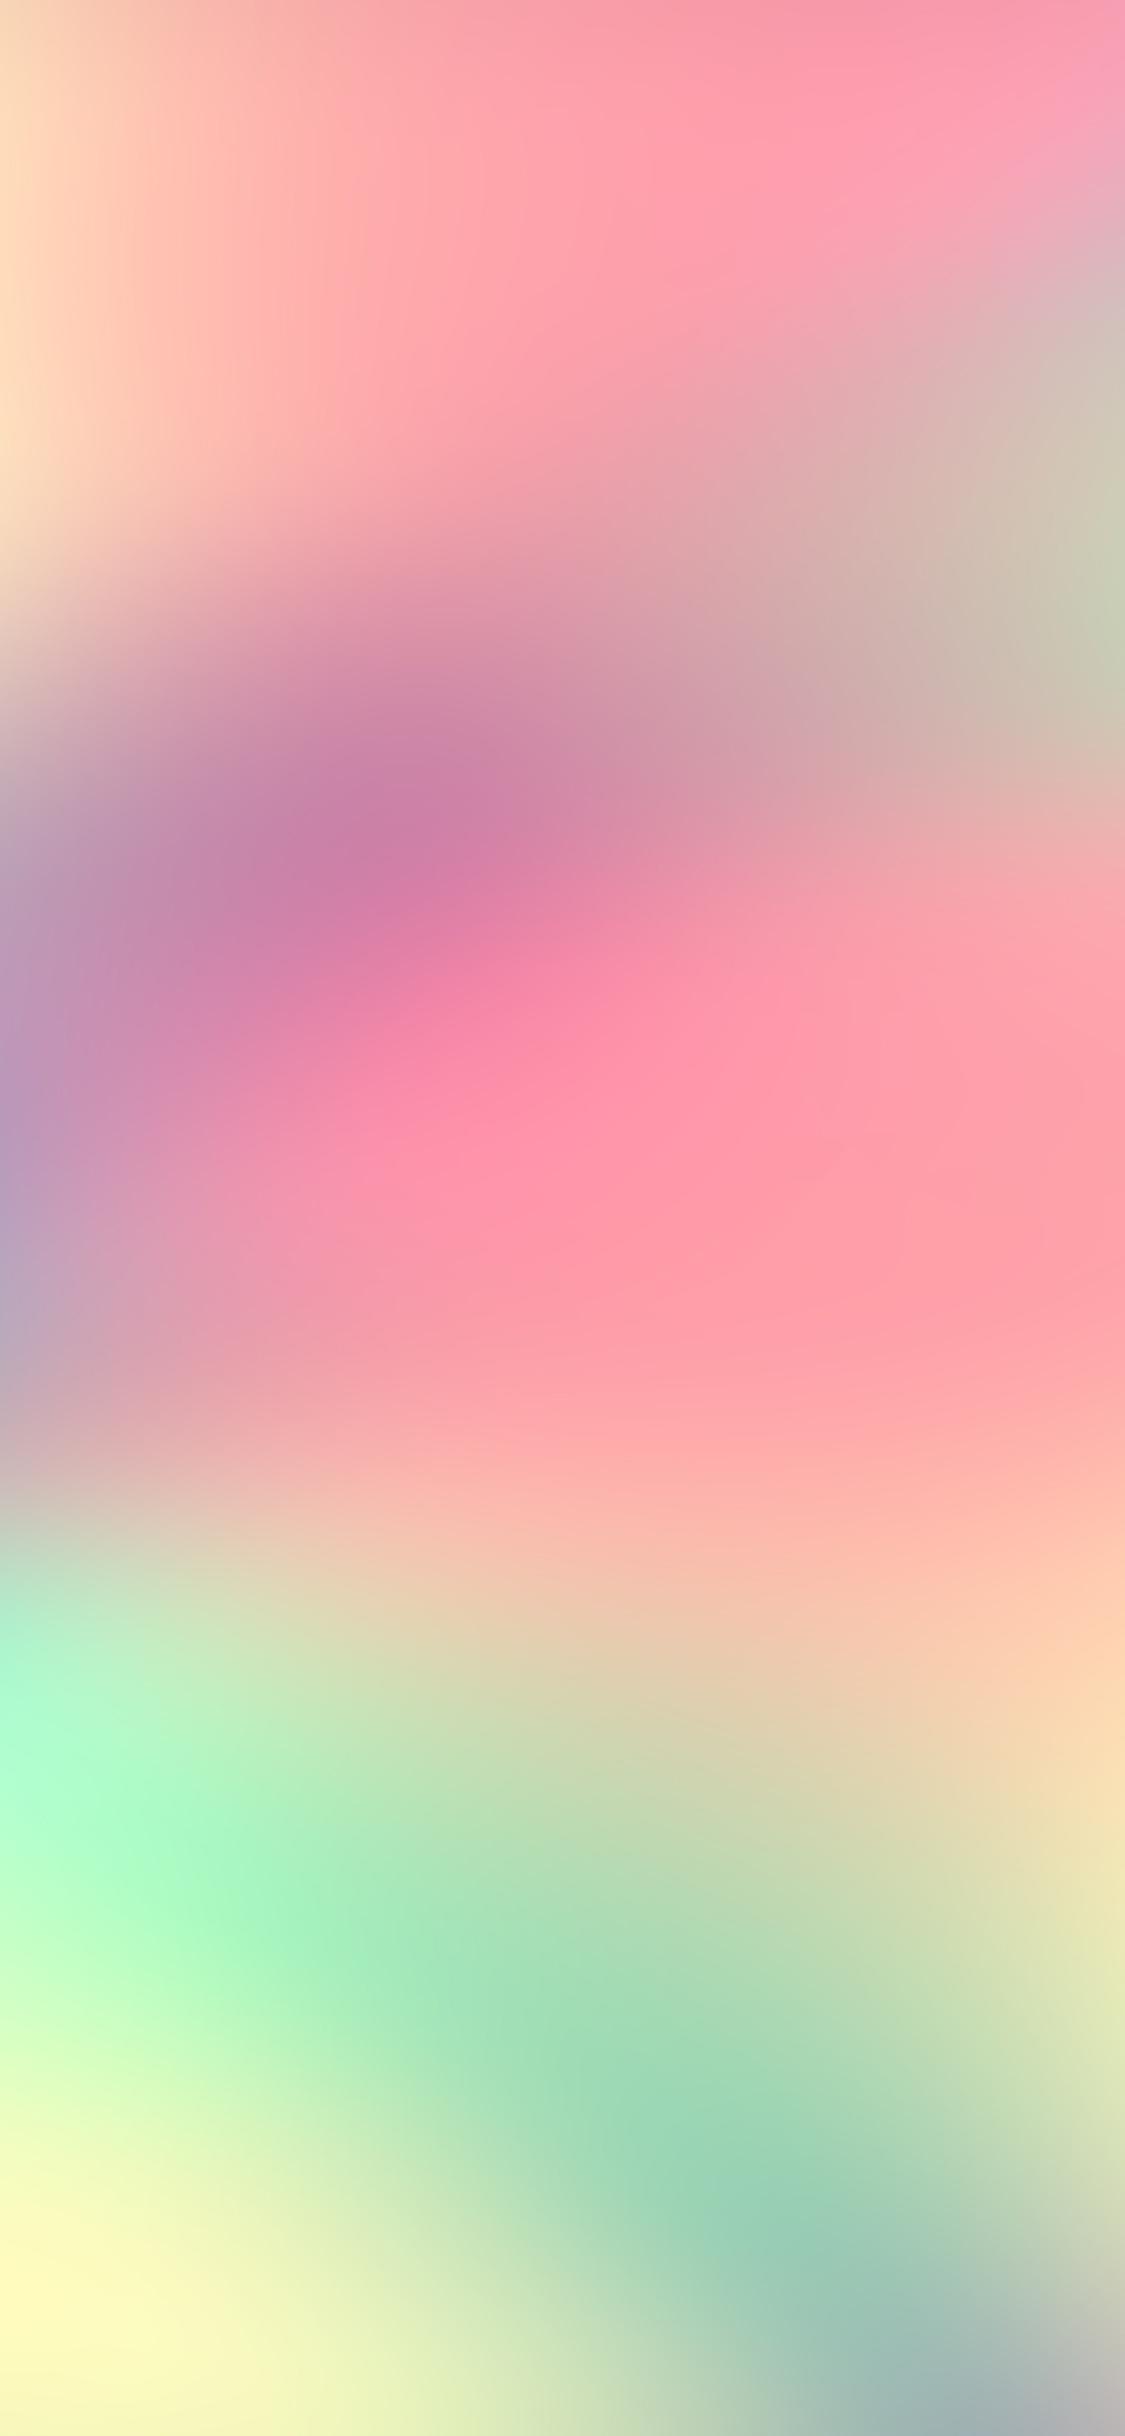 iPhoneXpapers.com-Apple-iPhone-wallpaper-sk42-white-pink-memory-begin-again-blur-gradation